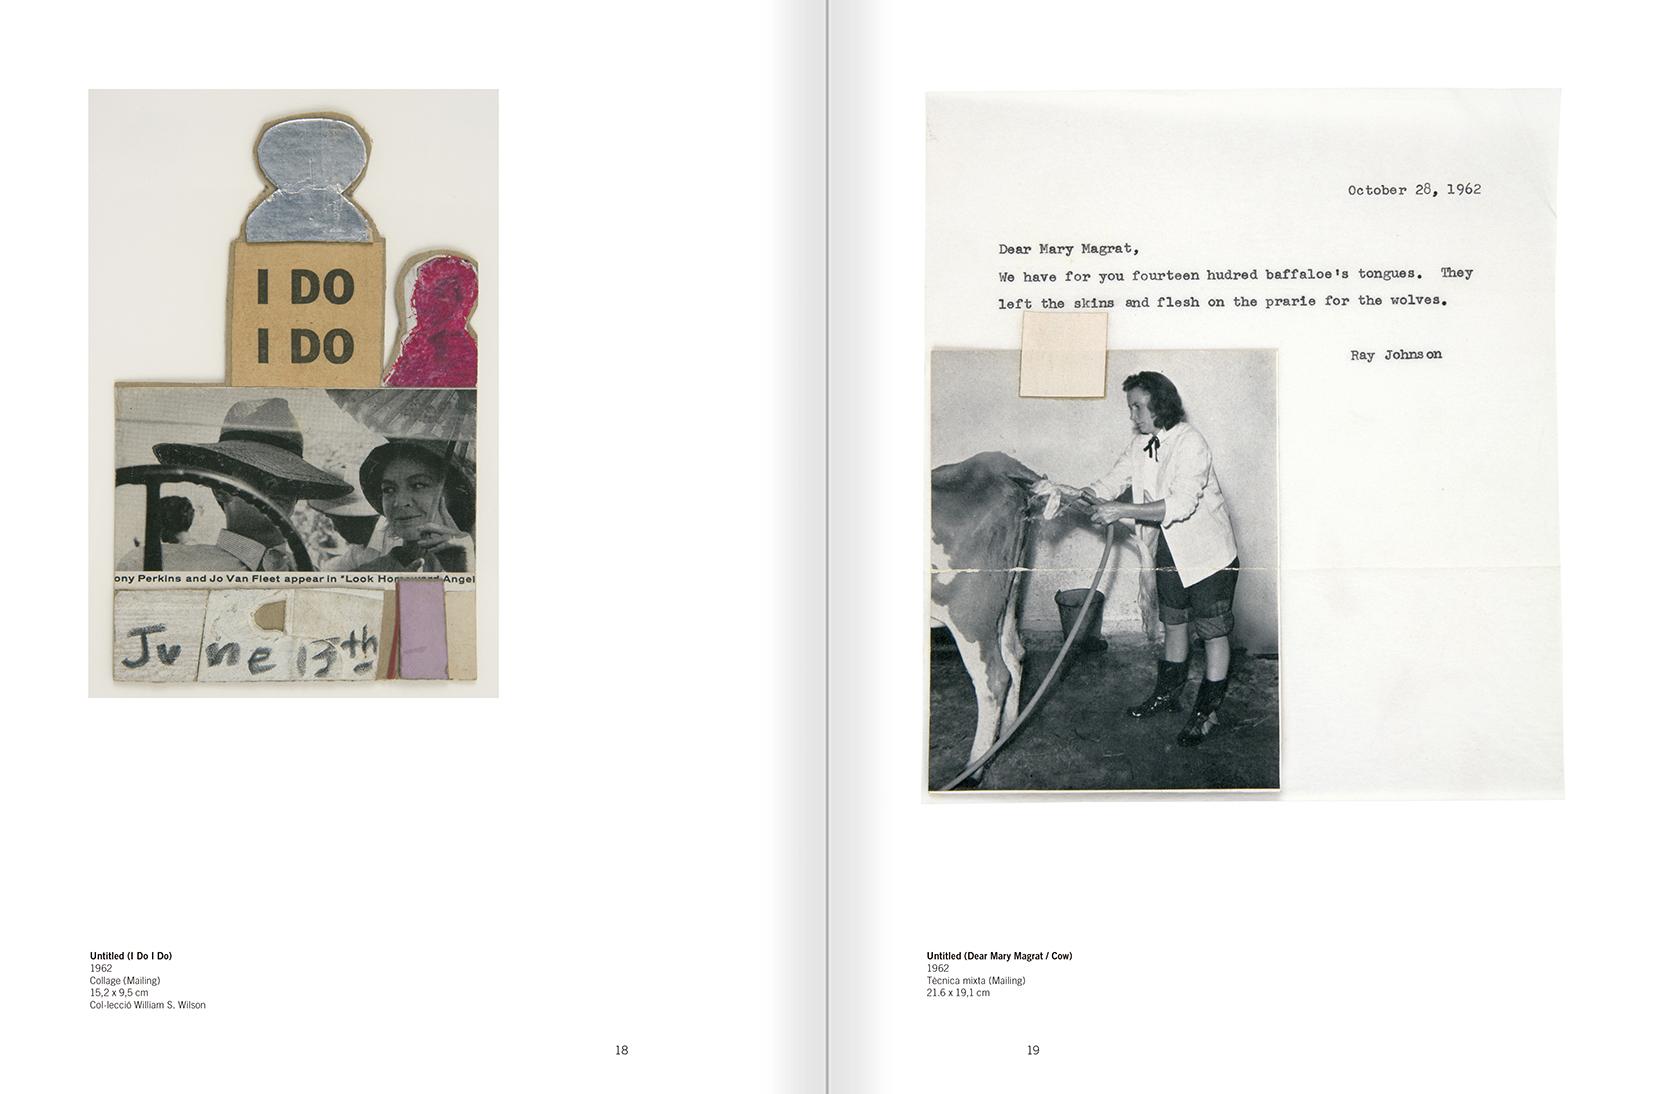 """Selecció del catàleg """"Ray Johnson. Please Add To & Return"""" pàgines 18 i 19"""